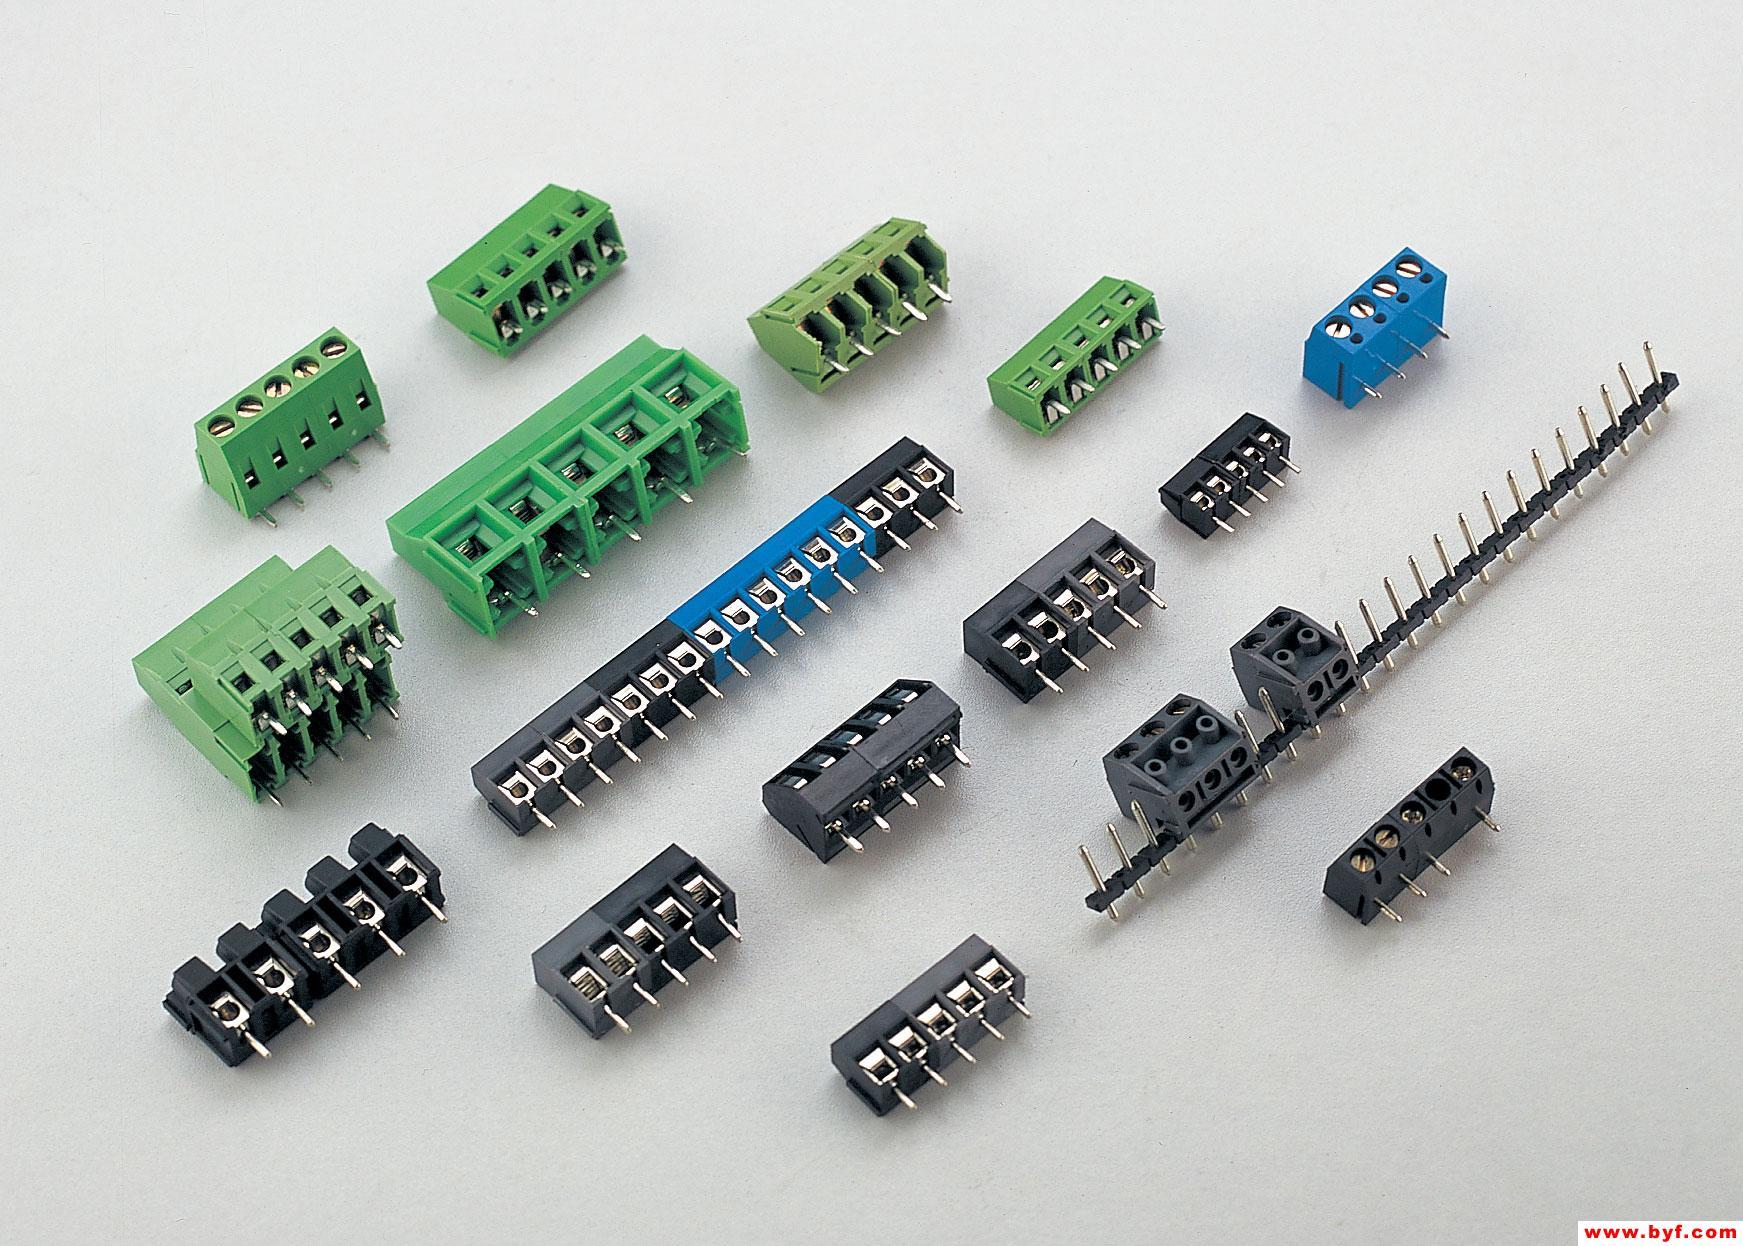 我公司是亚洲主要的电气联接产品的供应商在华独资企业--天立电机(宁波)有限公司(www.china-tianli.com),,专业为客户提供各种电气联接产品以及相关解决方案.公司成立于1998年,拥有自主模具设计开发、注塑、冲压装配、进出口贸易。町洋、天立所有产品均依据相关工业要求的标准而设计,并采用合适的材料已达到产品的完美品质,已广泛出口欧美及亚洲市场已取得ISO9001:2000、UL、VDE、CE 认证,应用于防盗器材、电力电气、灯具镇流器、仪器仪表、工业控制及自动化。相对